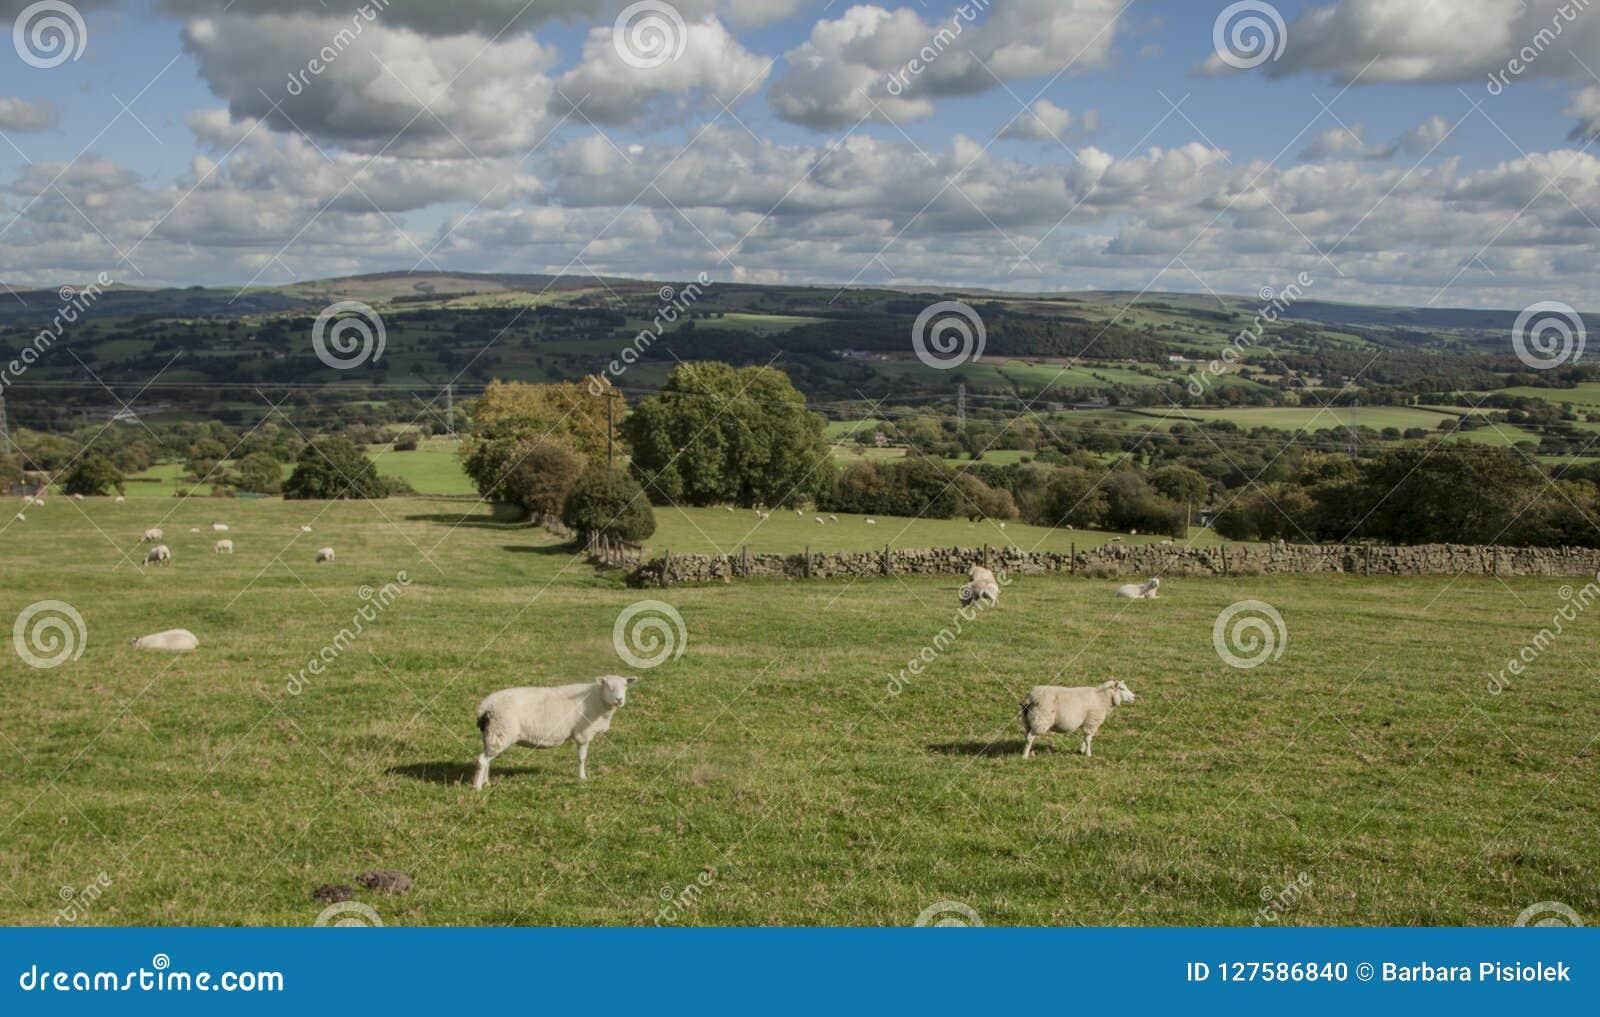 Поля и луга и овцы - лук-порей, Англия